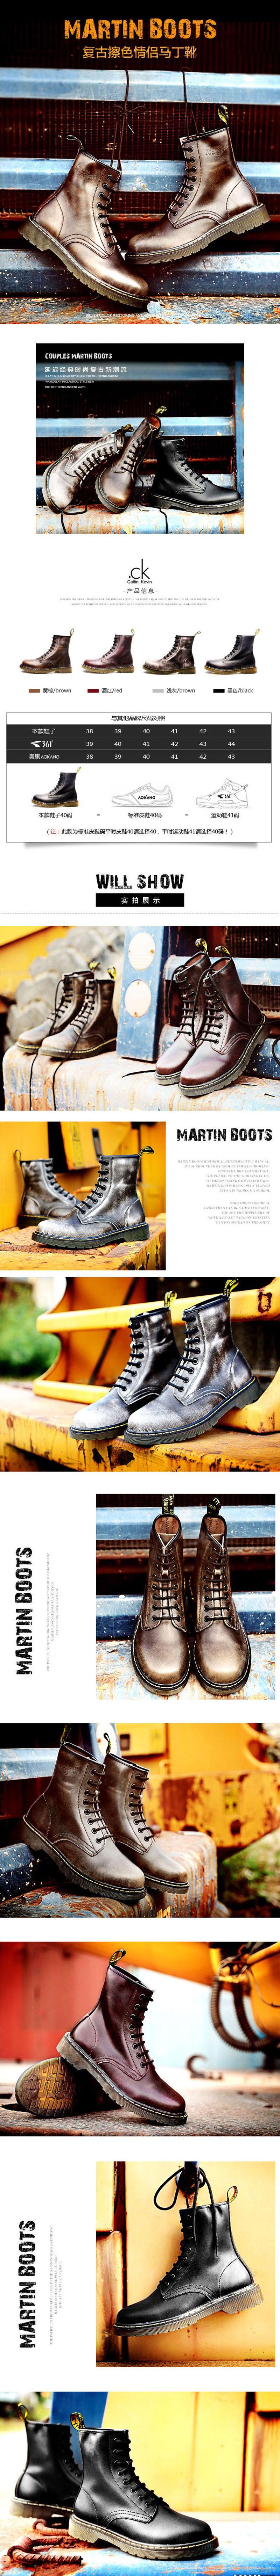 复古情侣马丁靴详情页设计